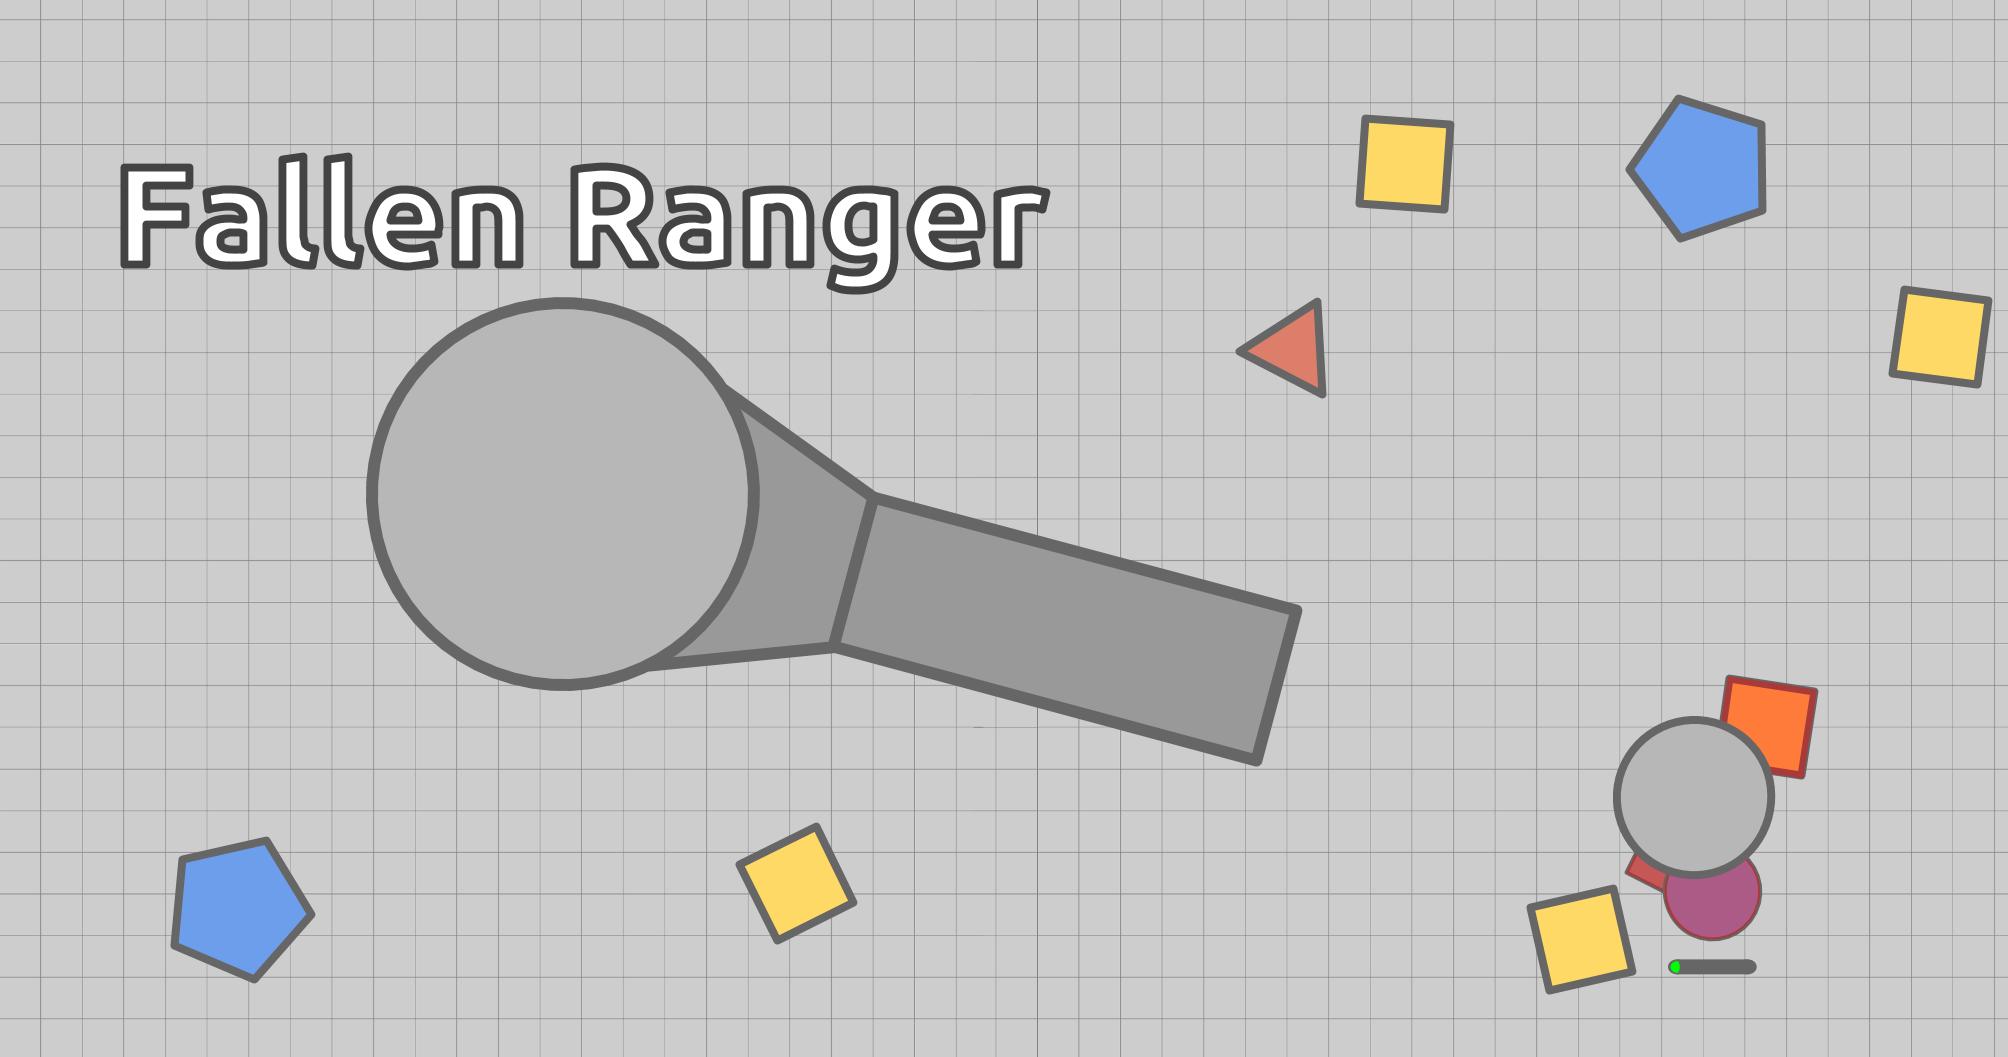 Fallen Ranger